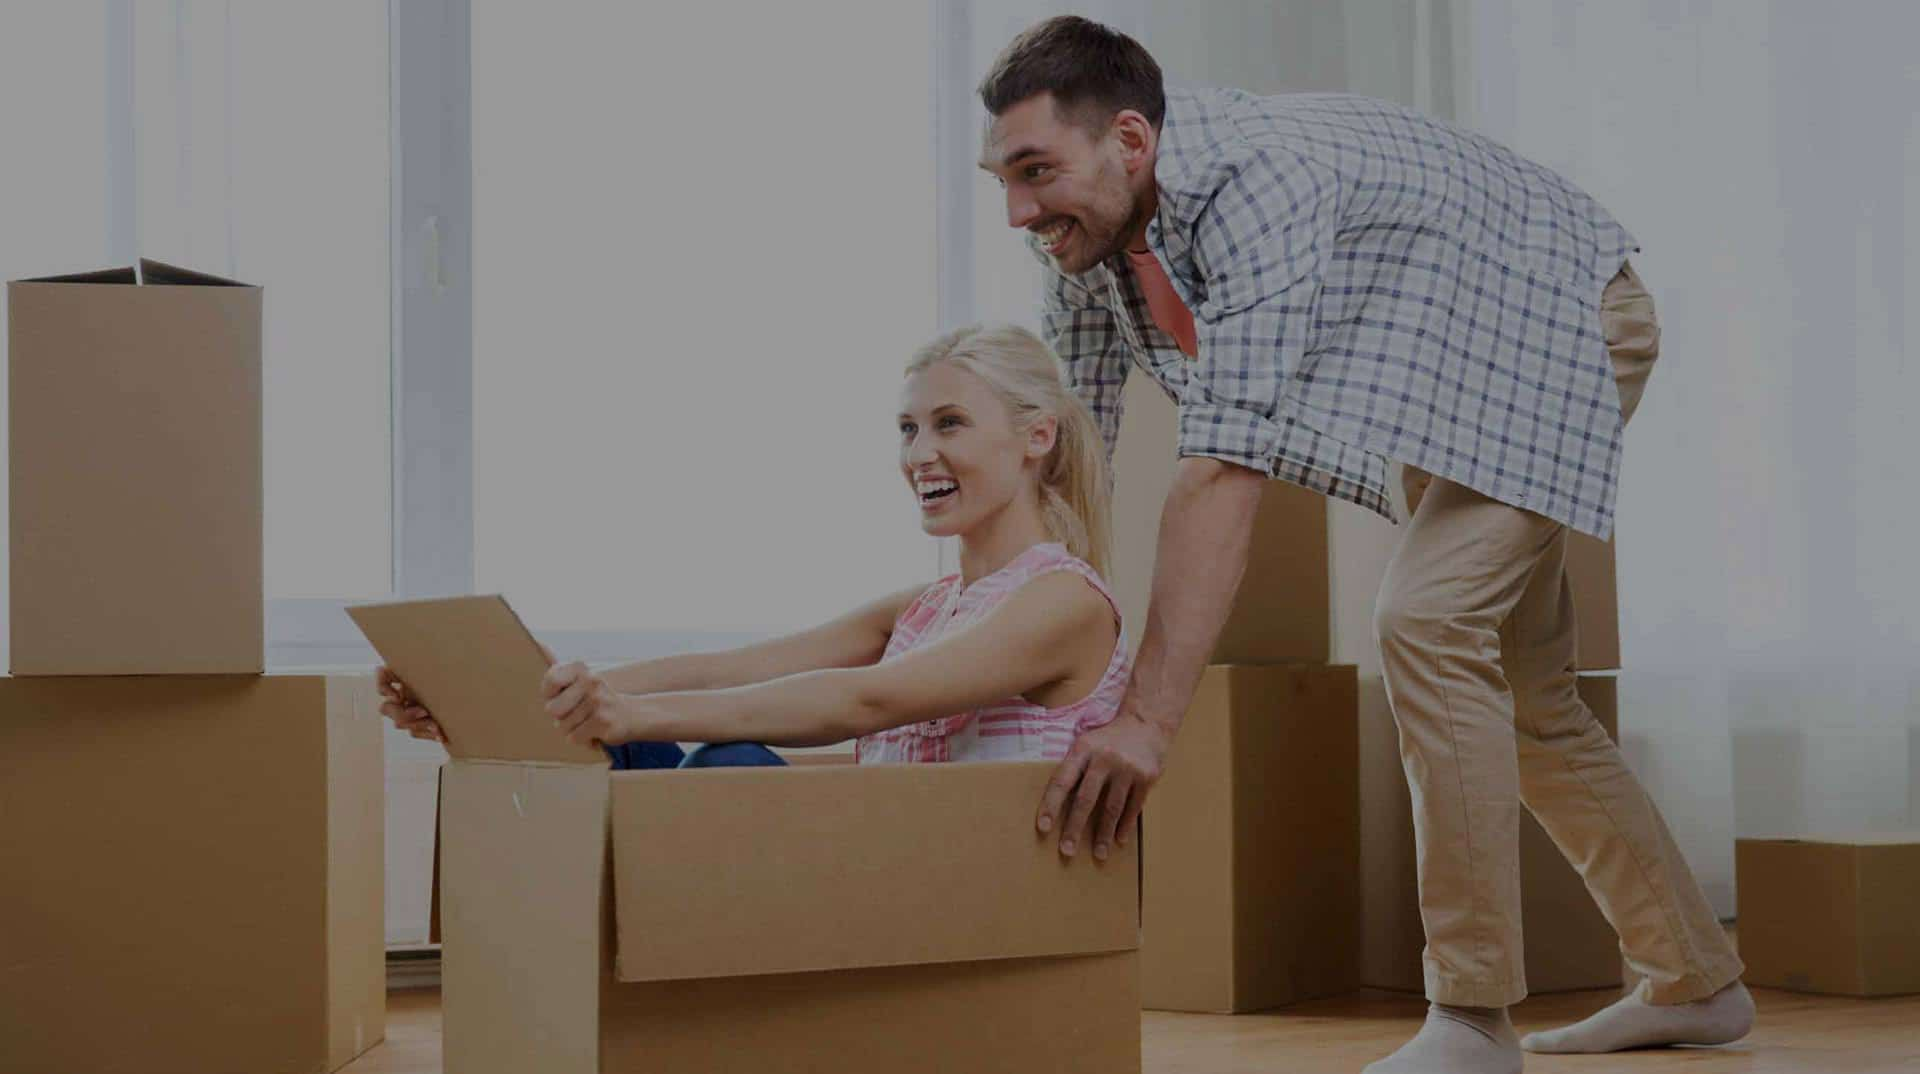 st. petersburg mortgage, st. petersburg down payment assistance mortgage, st. petersburg dpa loan, st. petersburg down payment assistance loan